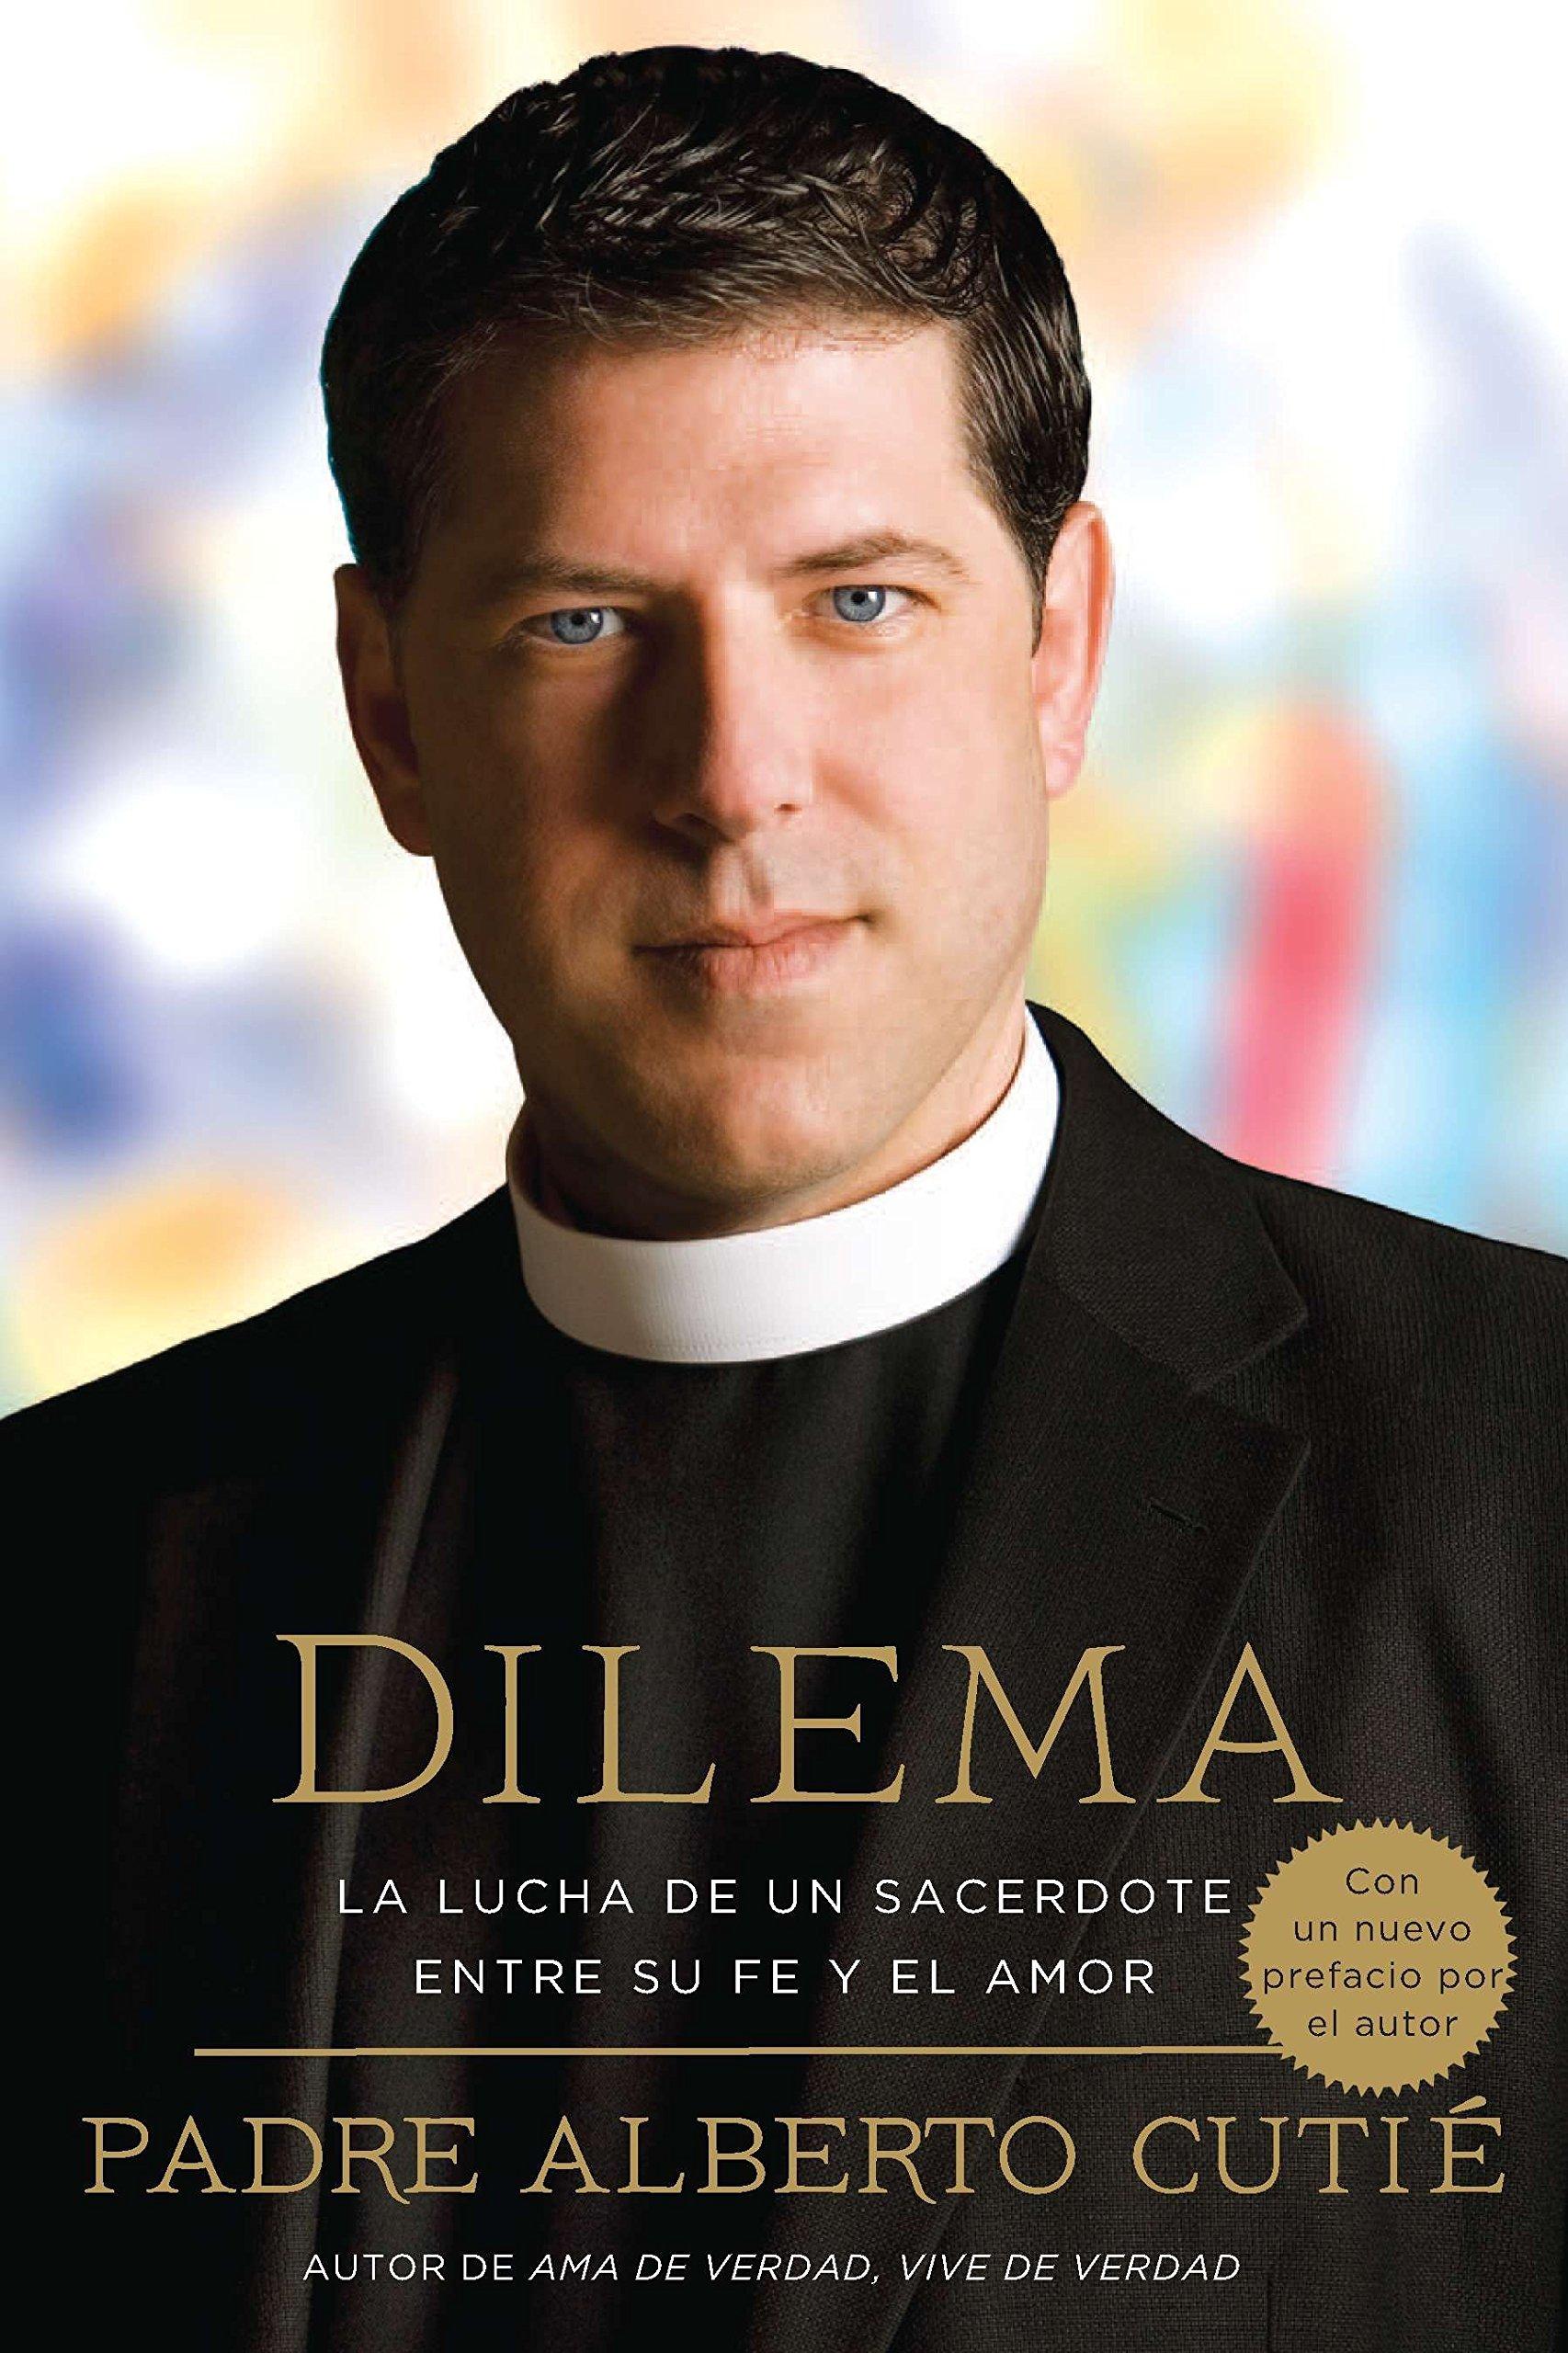 Dilema (Spanish Edition): La Lucha De Un Sacerdote Entre Su Fe y el Amor (Spanish) Paperback – January 3, 2012 Albert Cutie Santiago Ochoa Celebra 0451233905